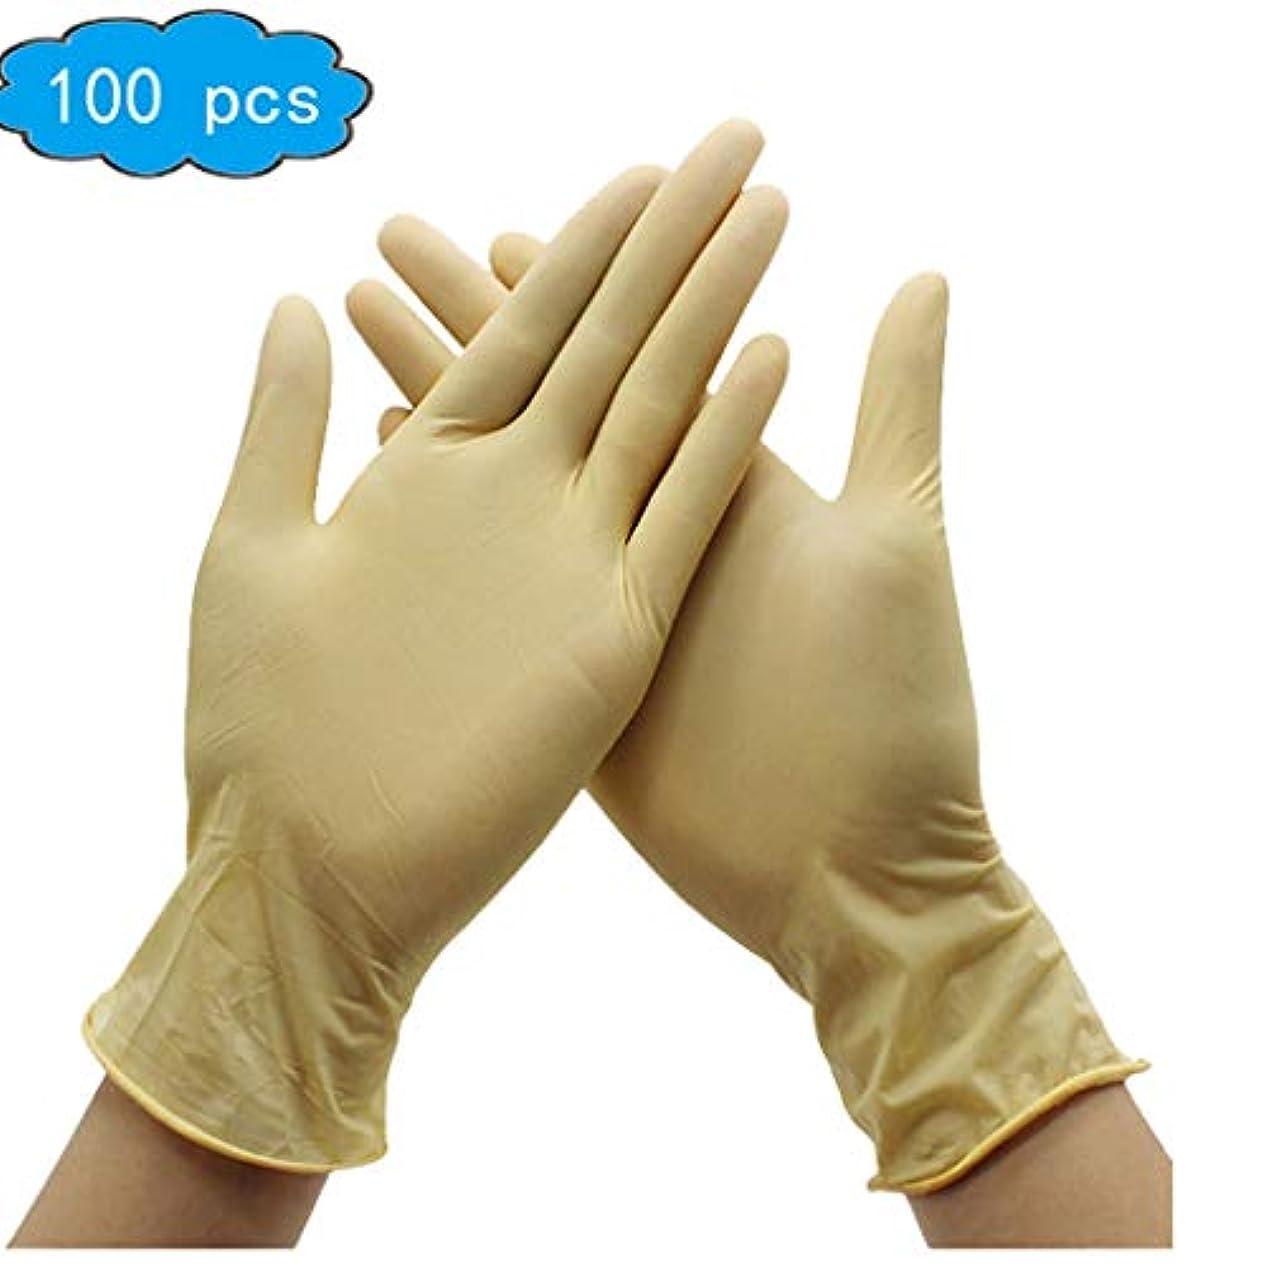 寝具手当蒸発する使い捨てラテックス手袋、液、血液、試験、ヘルスケア、ノーパウダー、100箱 (Color : Beige, Size : L)